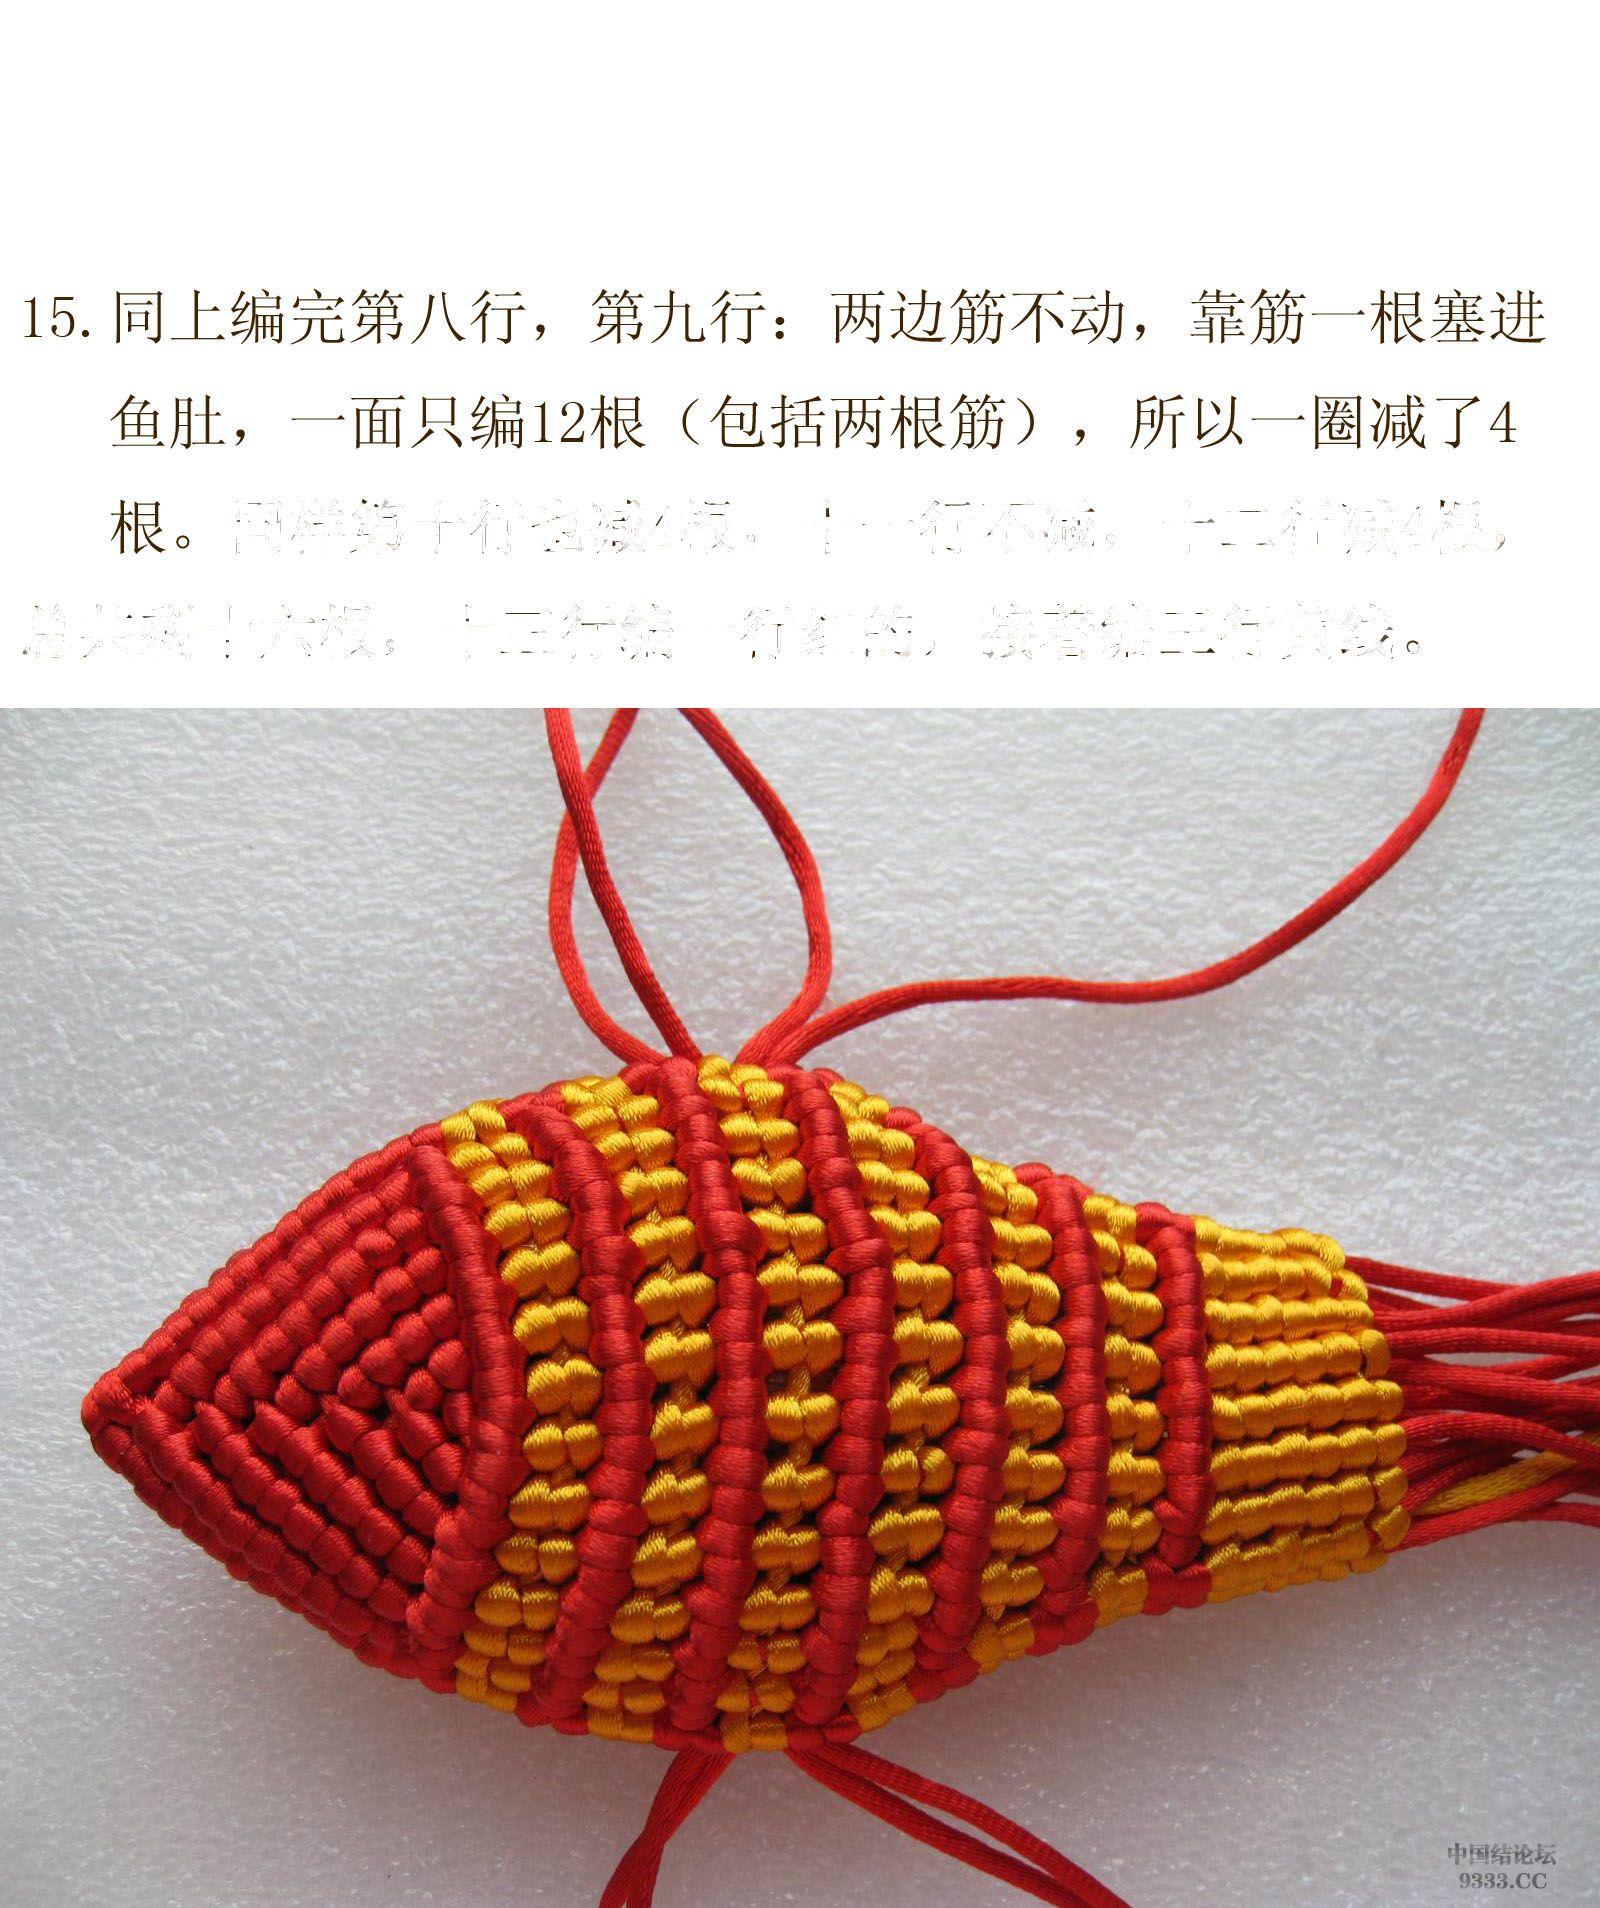 中国结论坛 我发一个鲤鱼教程  立体绳结教程与交流区 09091607143434723247c2787a